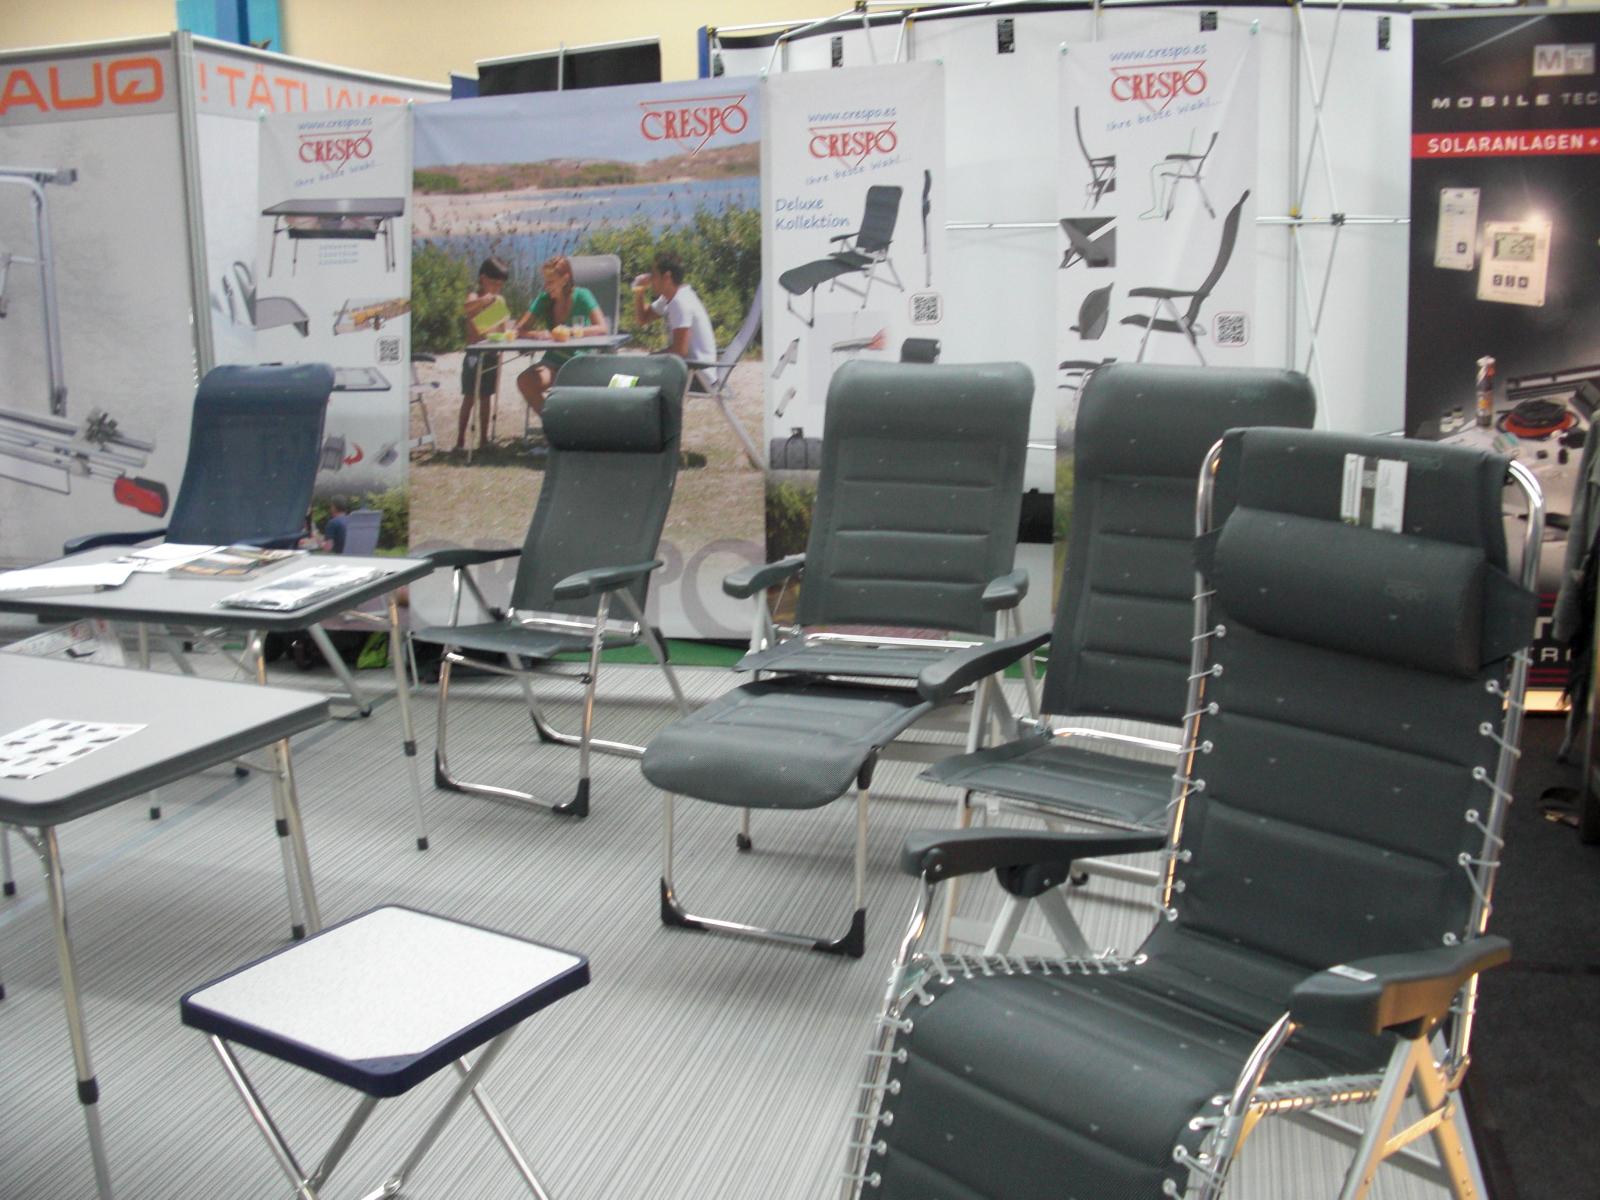 Feria en freiko gollhofen sur de alemania el blog de - Indual mobiliario ...